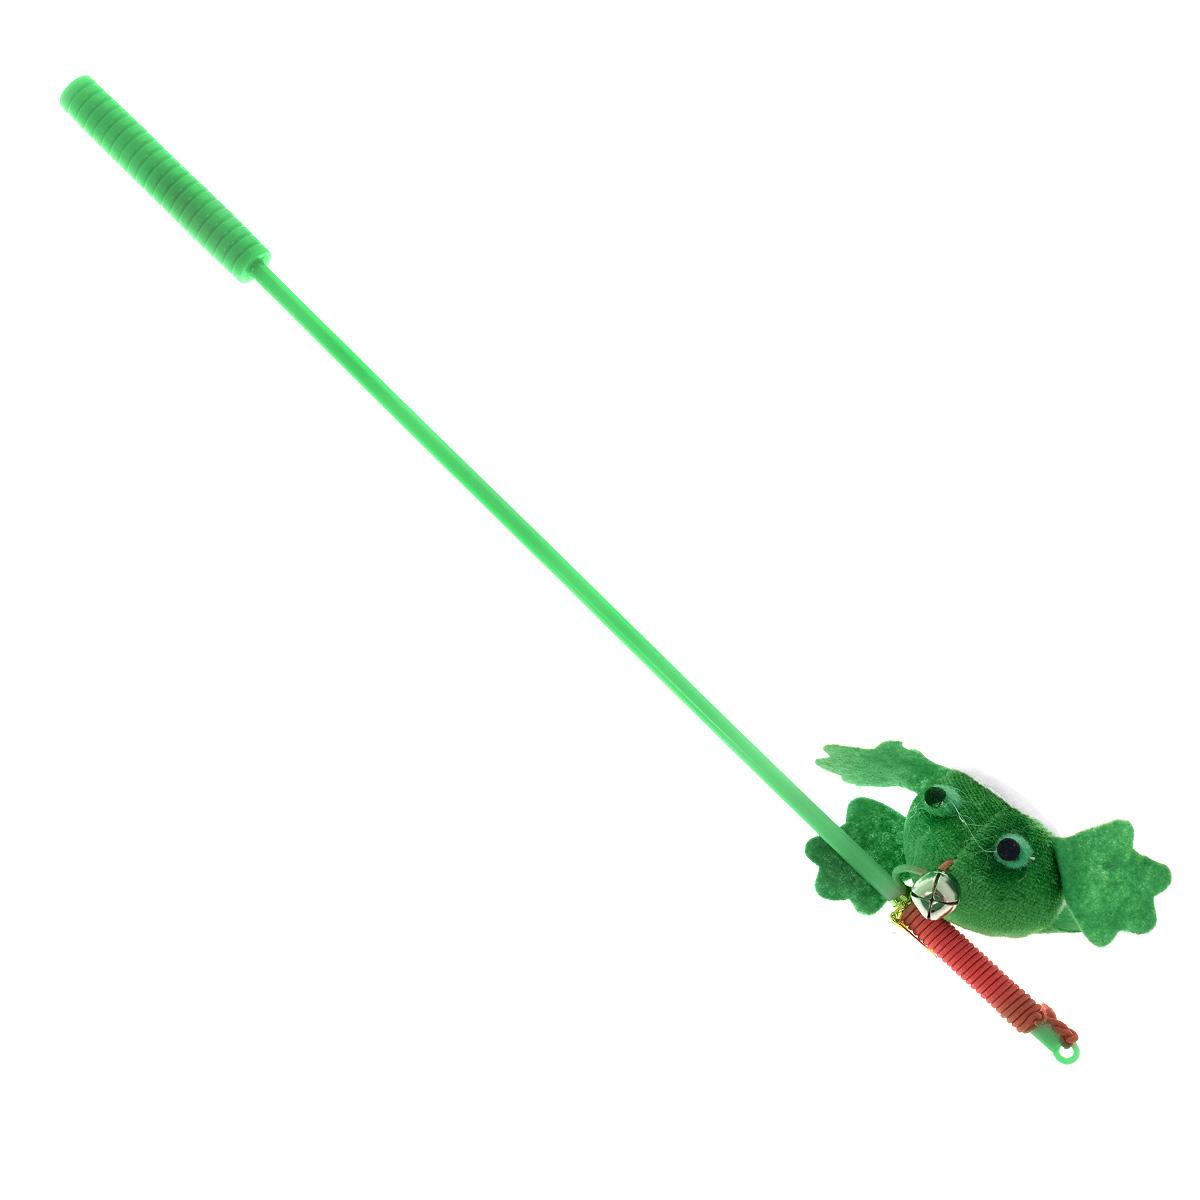 Игрушка для кошек V.I.Pet Дразнилка-удочка с лягушкой, с колокольчиком, цвет: зеленый, длина 37 смST-105 /12/_зеленыйИгрушка для кошек V.I.Pet Дразнилка-удочка с лягушкой, изготовленная из текстиля, синтепона и пластика, прекрасно подойдет для веселых игр с вашим пушистым любимцем. Играя с этой забавной дразнилкой, маленькие котята развиваются физически, а взрослые кошки и коты поддерживают свой мышечный тонус. Яркая игрушка на конце удочки оснащена колокольчиком и сразу привлечет внимание вашего любимца, не навредит здоровью и увлечет его на долгое время. Длина удочки: 37 см.Размер игрушки: 7,5 х 4 х 2,5 см.